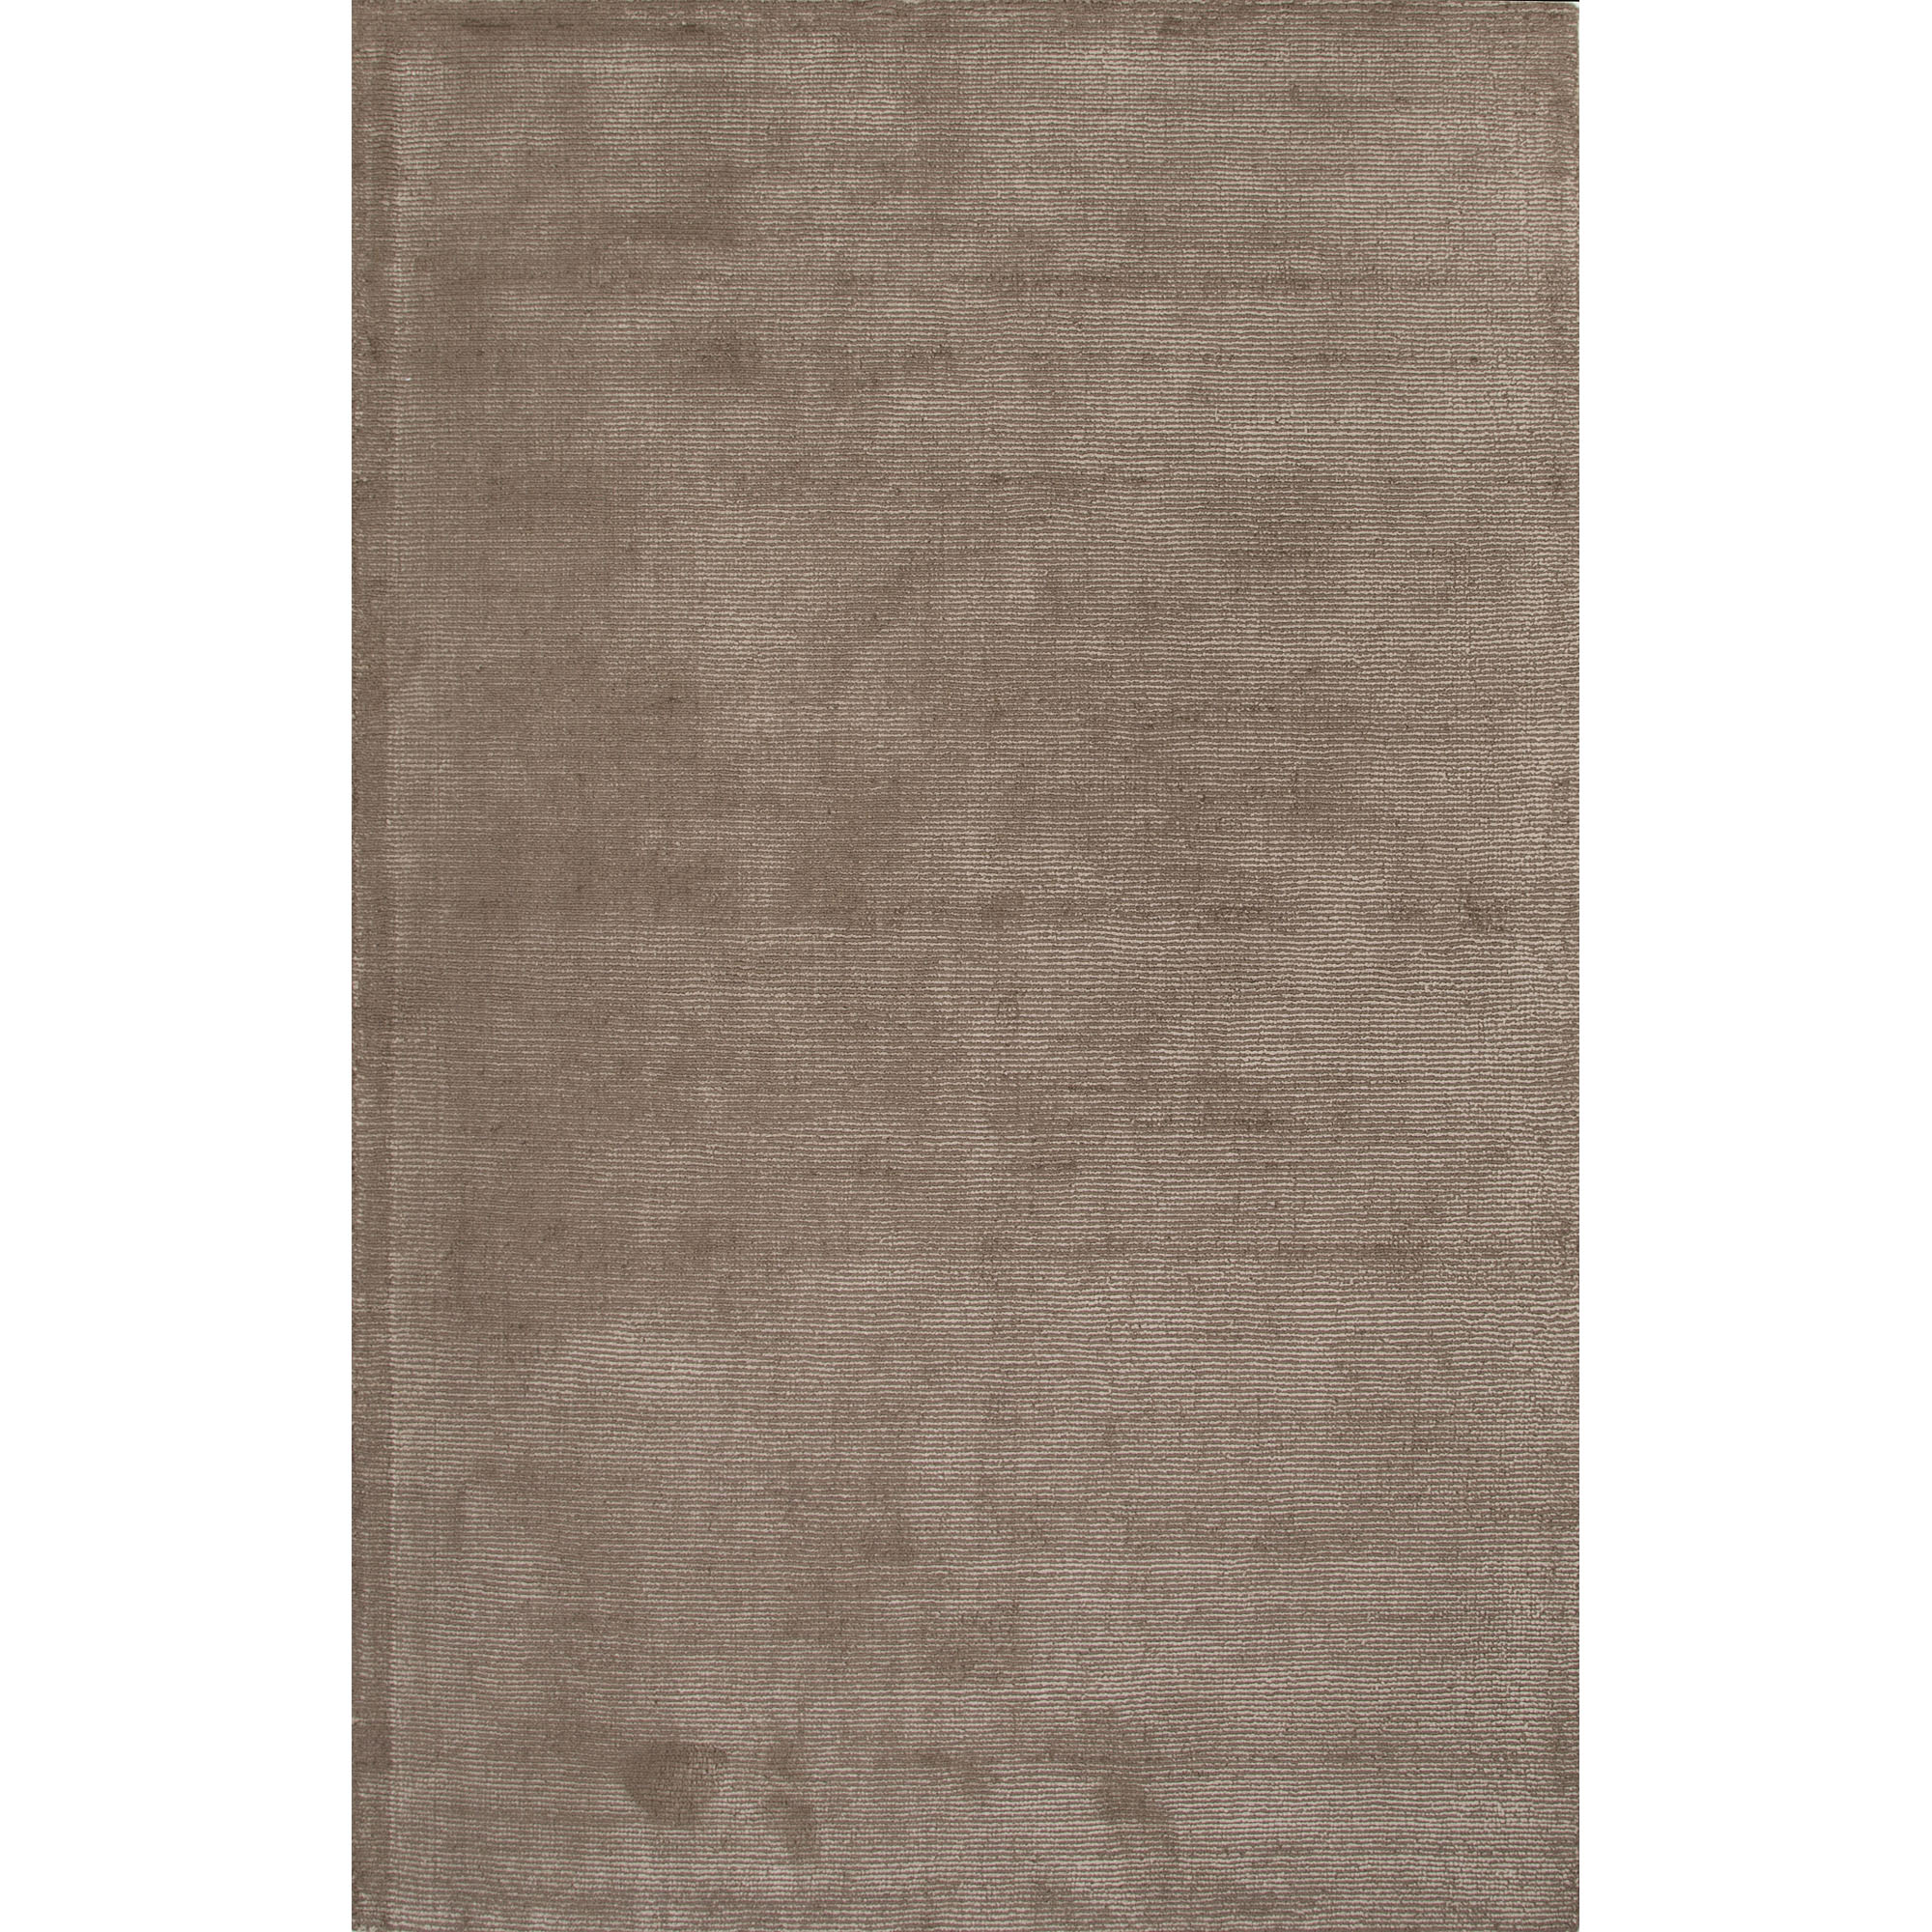 JAIPUR Rugs Konstrukt 9 x 13 Rug - Item Number: RUG114399